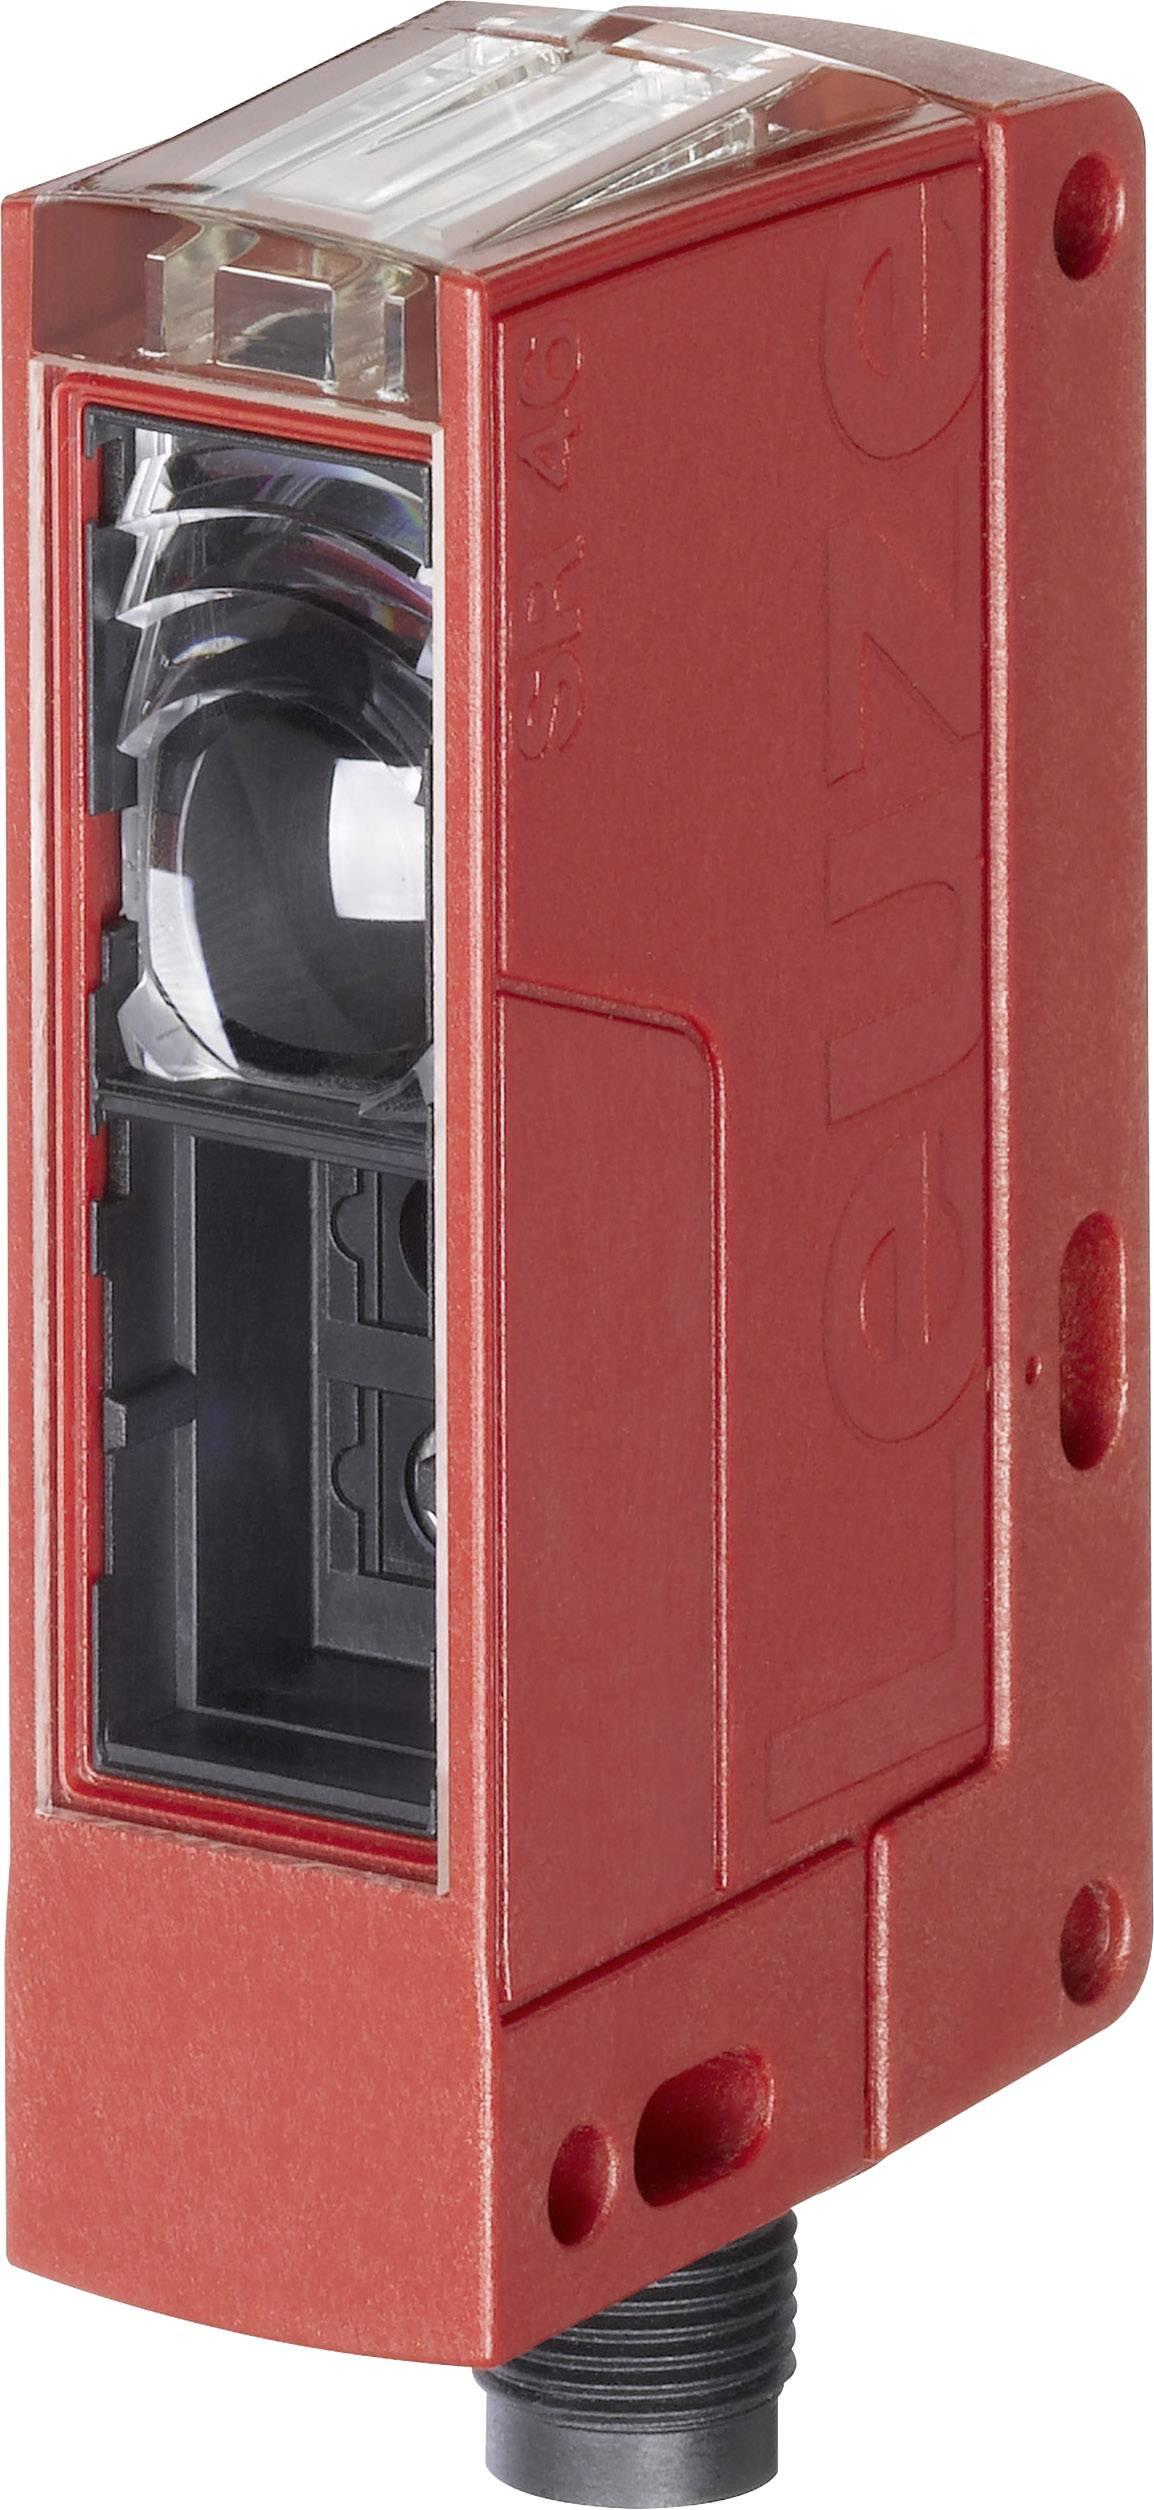 Laserový relexní světelný snímač Leuze Electronic HT46CL1/4P-200-M12